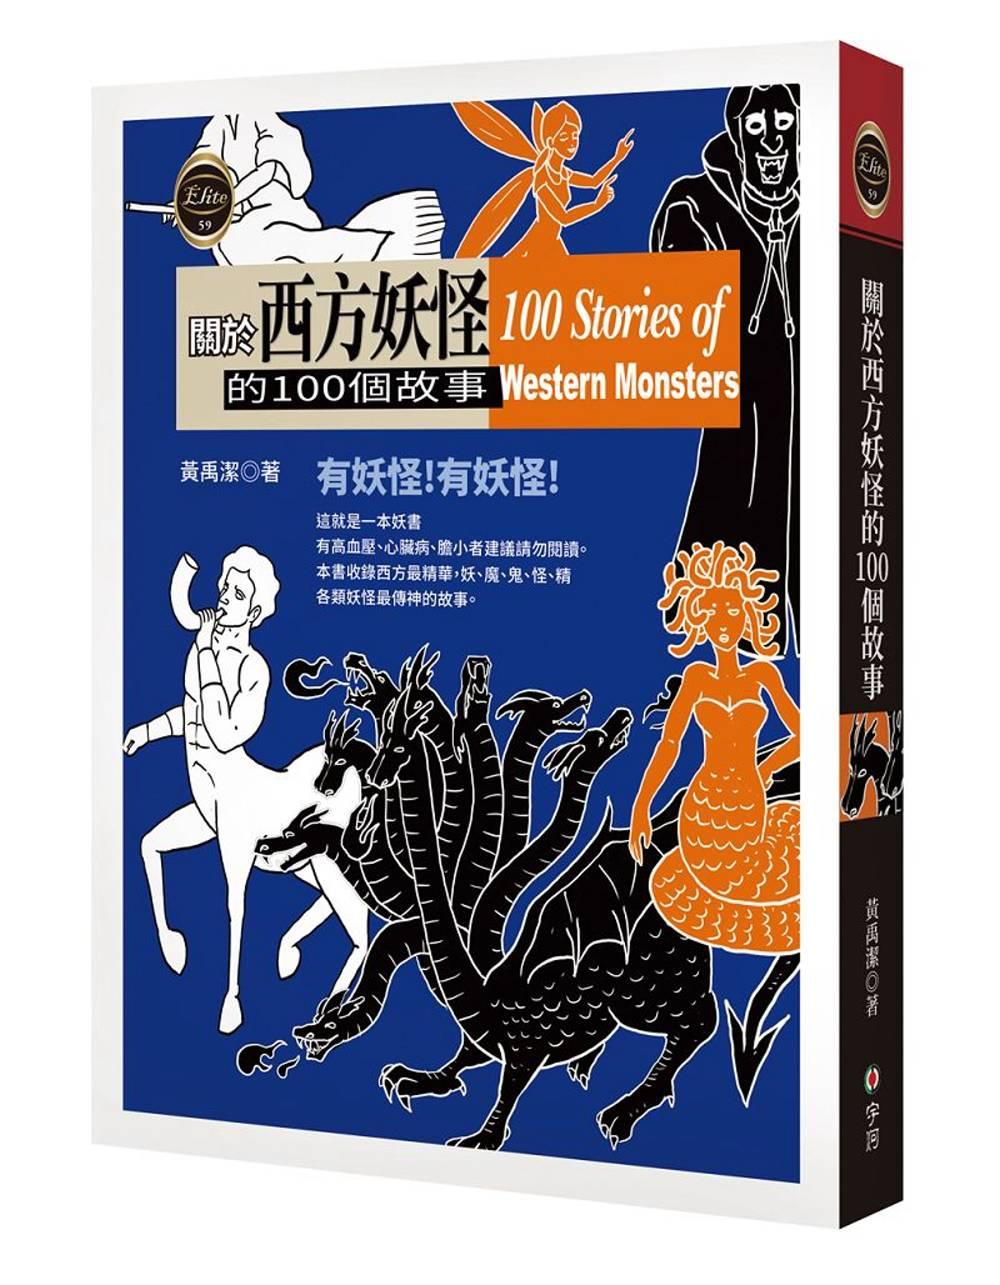 關於西方妖怪的100個故事